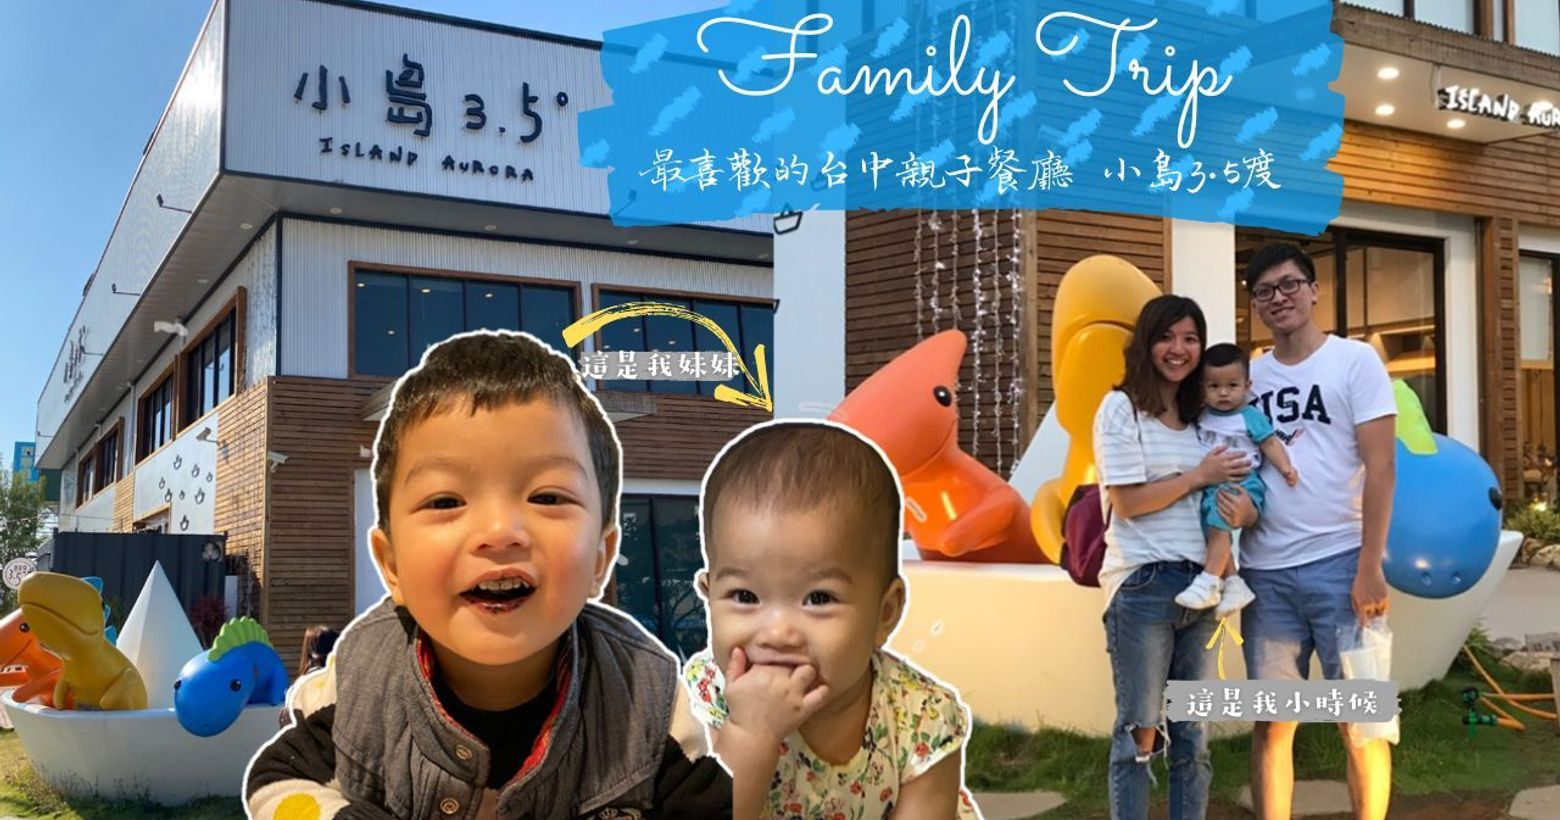 【親子旅遊】已經去了6次的台中親子餐廳-小島3.5度有了小朋友後,外出用餐,『親子餐廳』是我們最喜歡